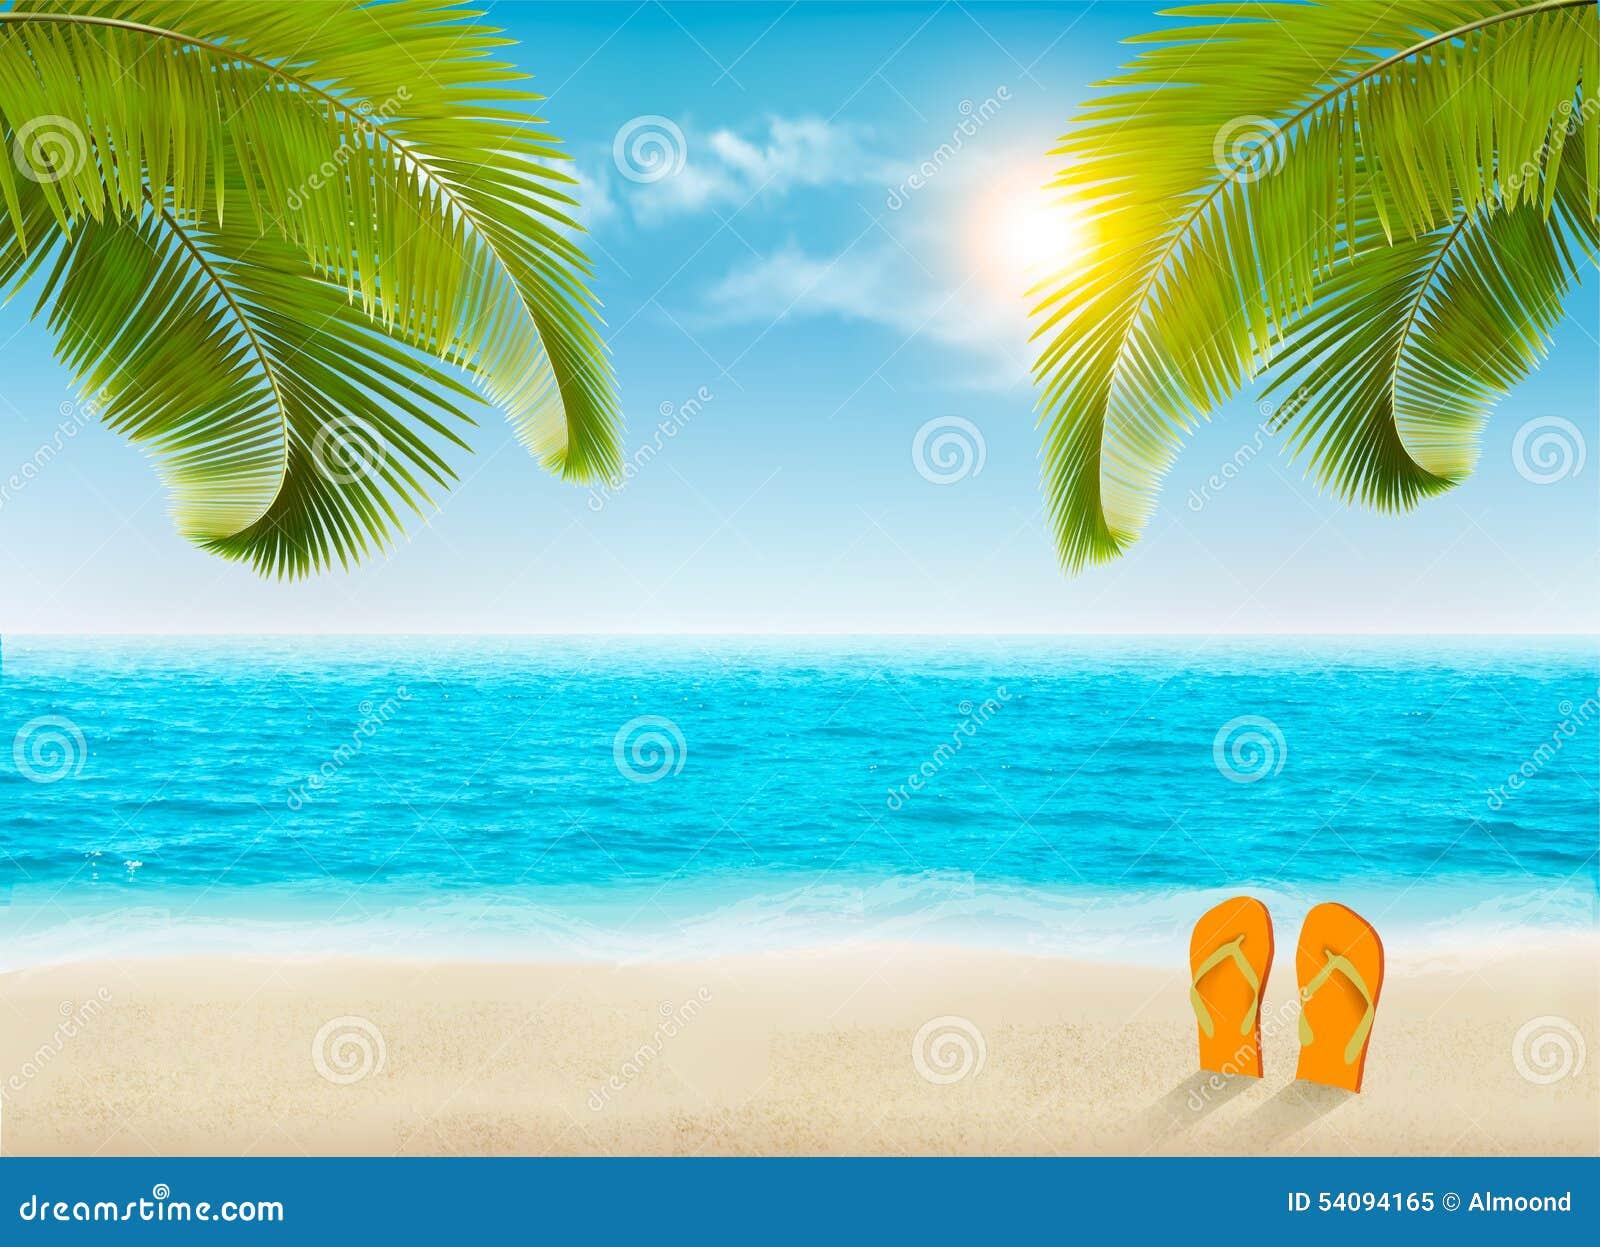 Fond De Vacances Plage Avec Les Palmiers Et La Mer Bleue